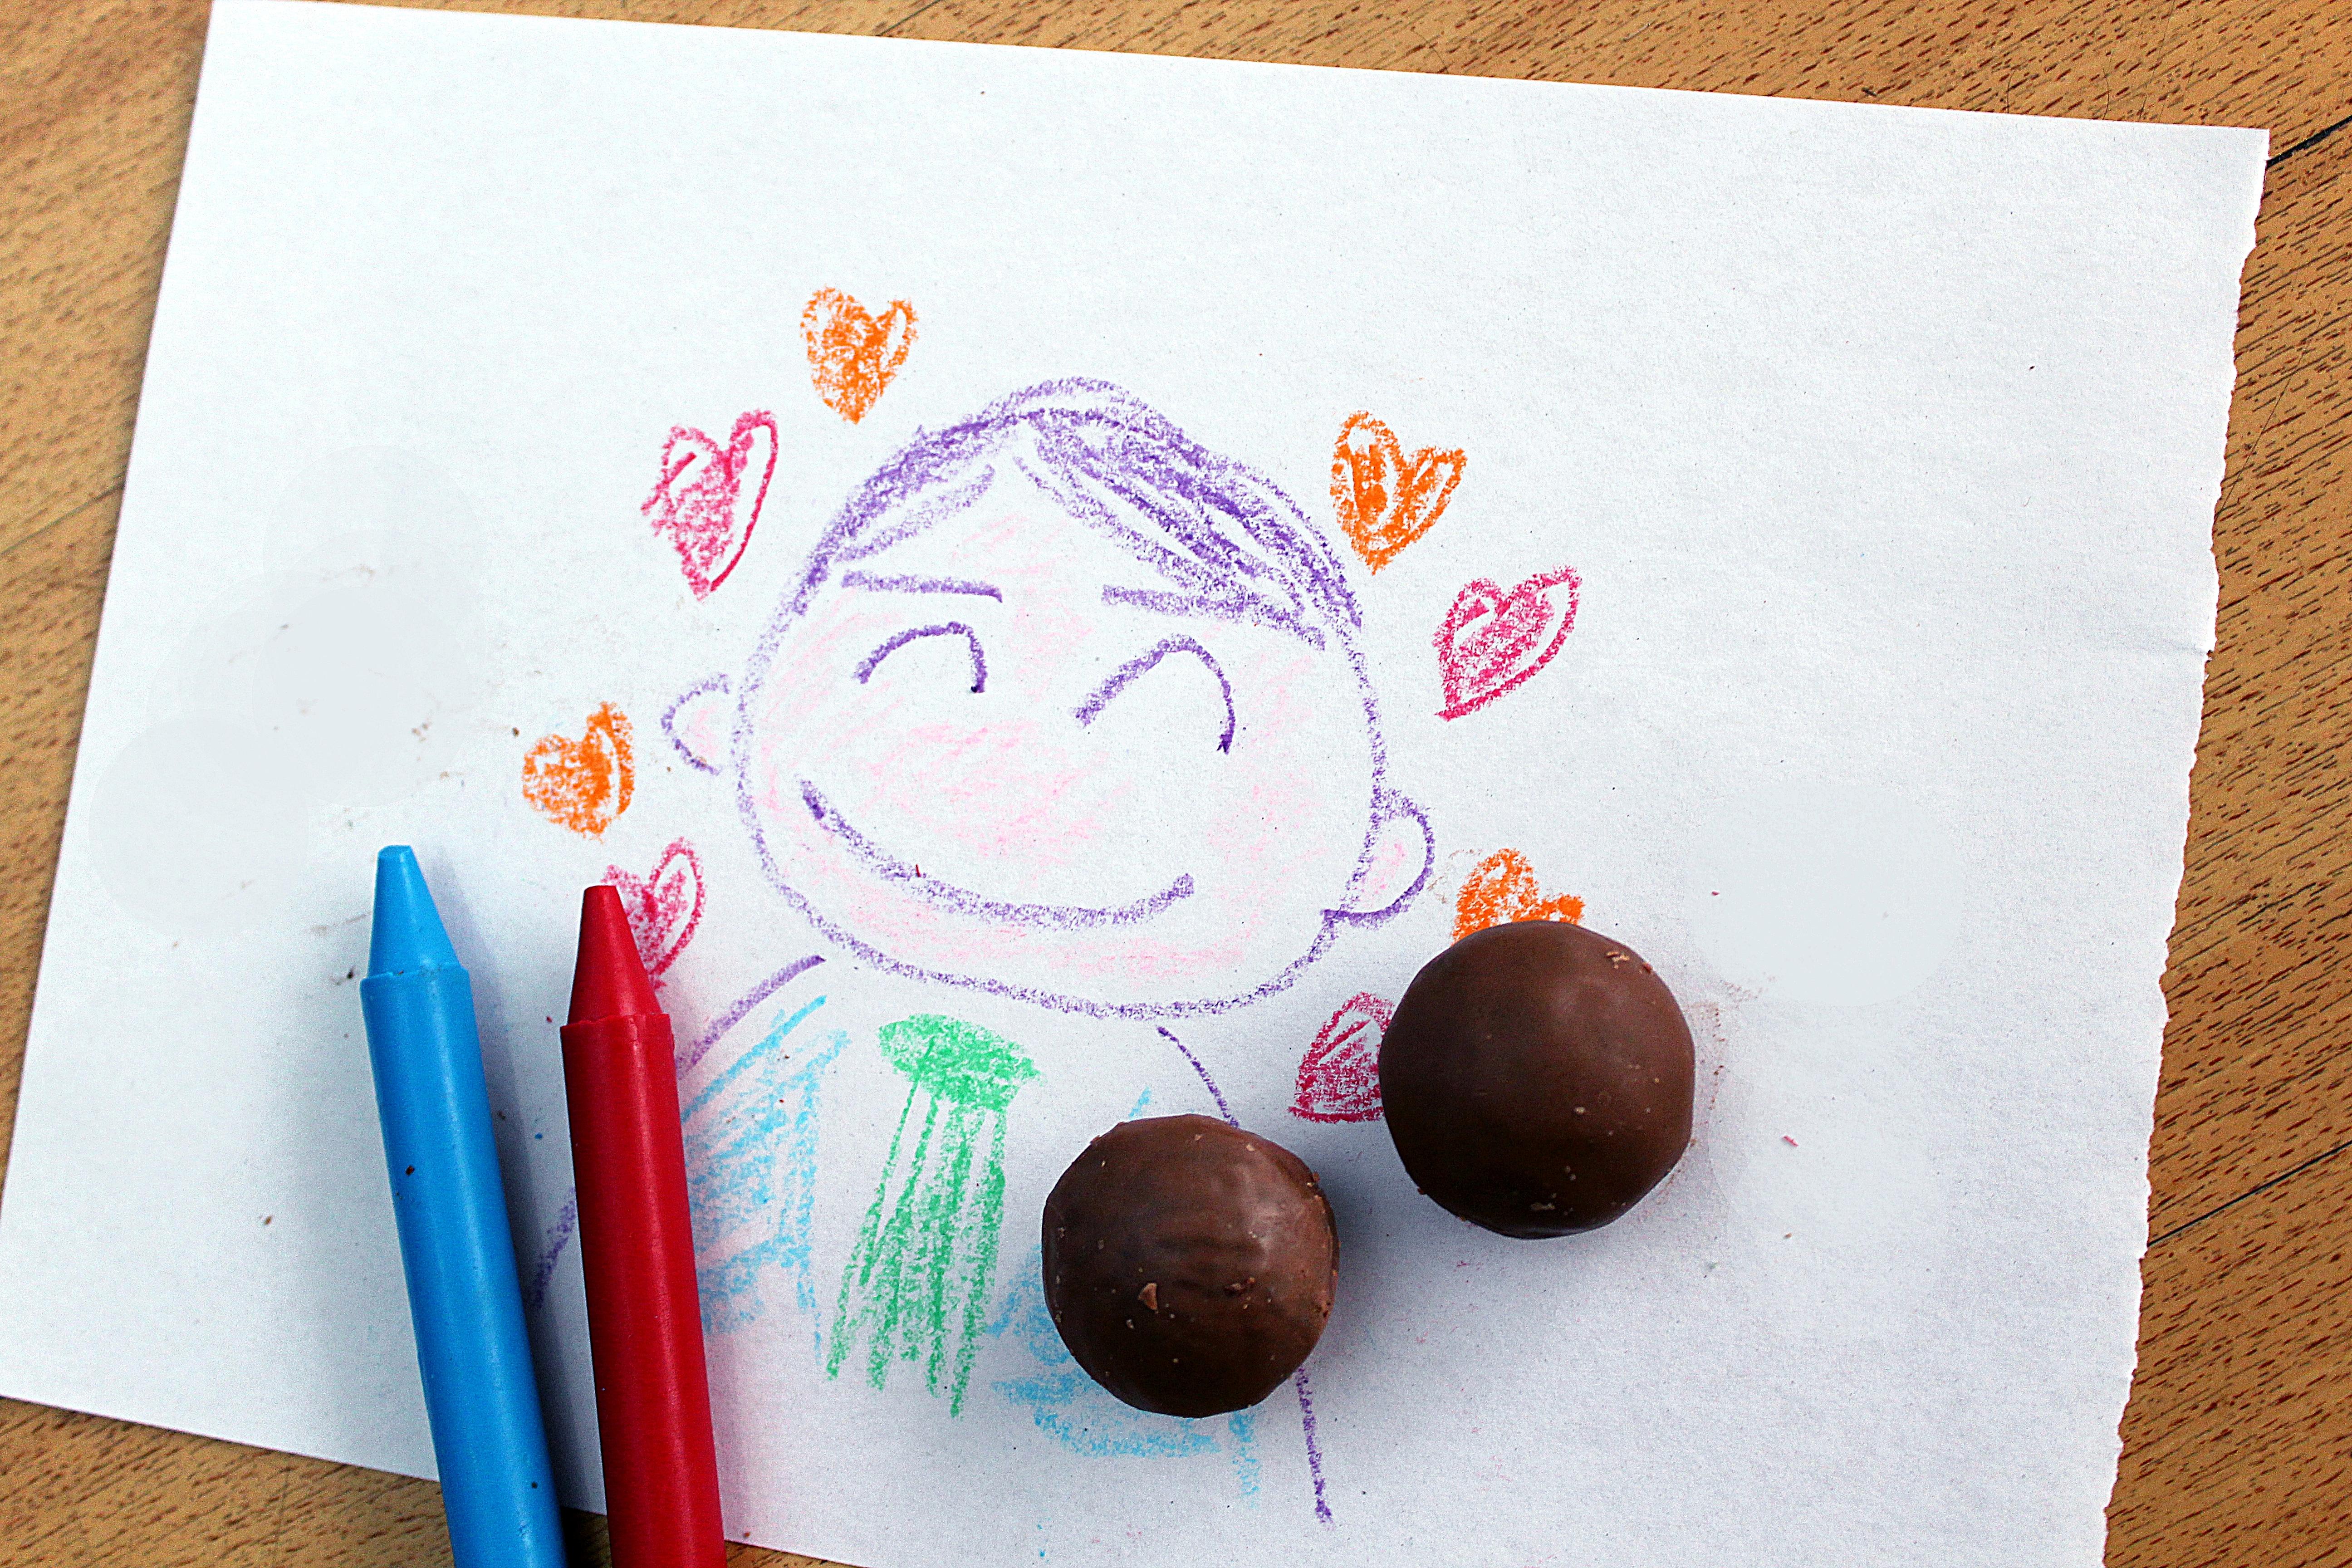 ガトーフェスタハラダのバレンタインチョコレート2020!通販や店舗での販売は?販売日はいつ?